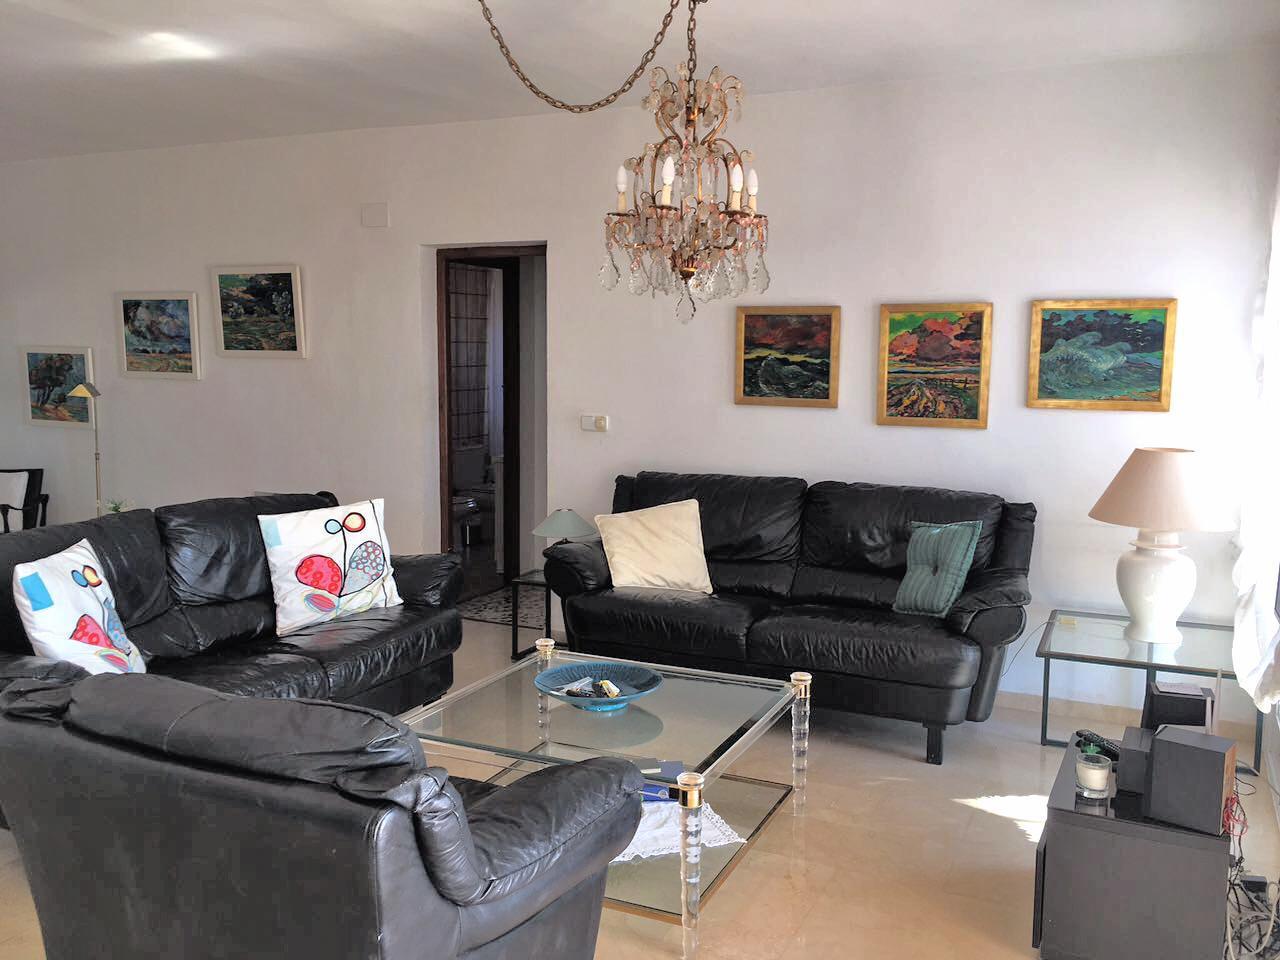 Ferienhaus Villa im maurischen Stil mit großartigem Blick auf das Meer (2413053), Mojacar, Costa de Almeria, Andalusien, Spanien, Bild 20